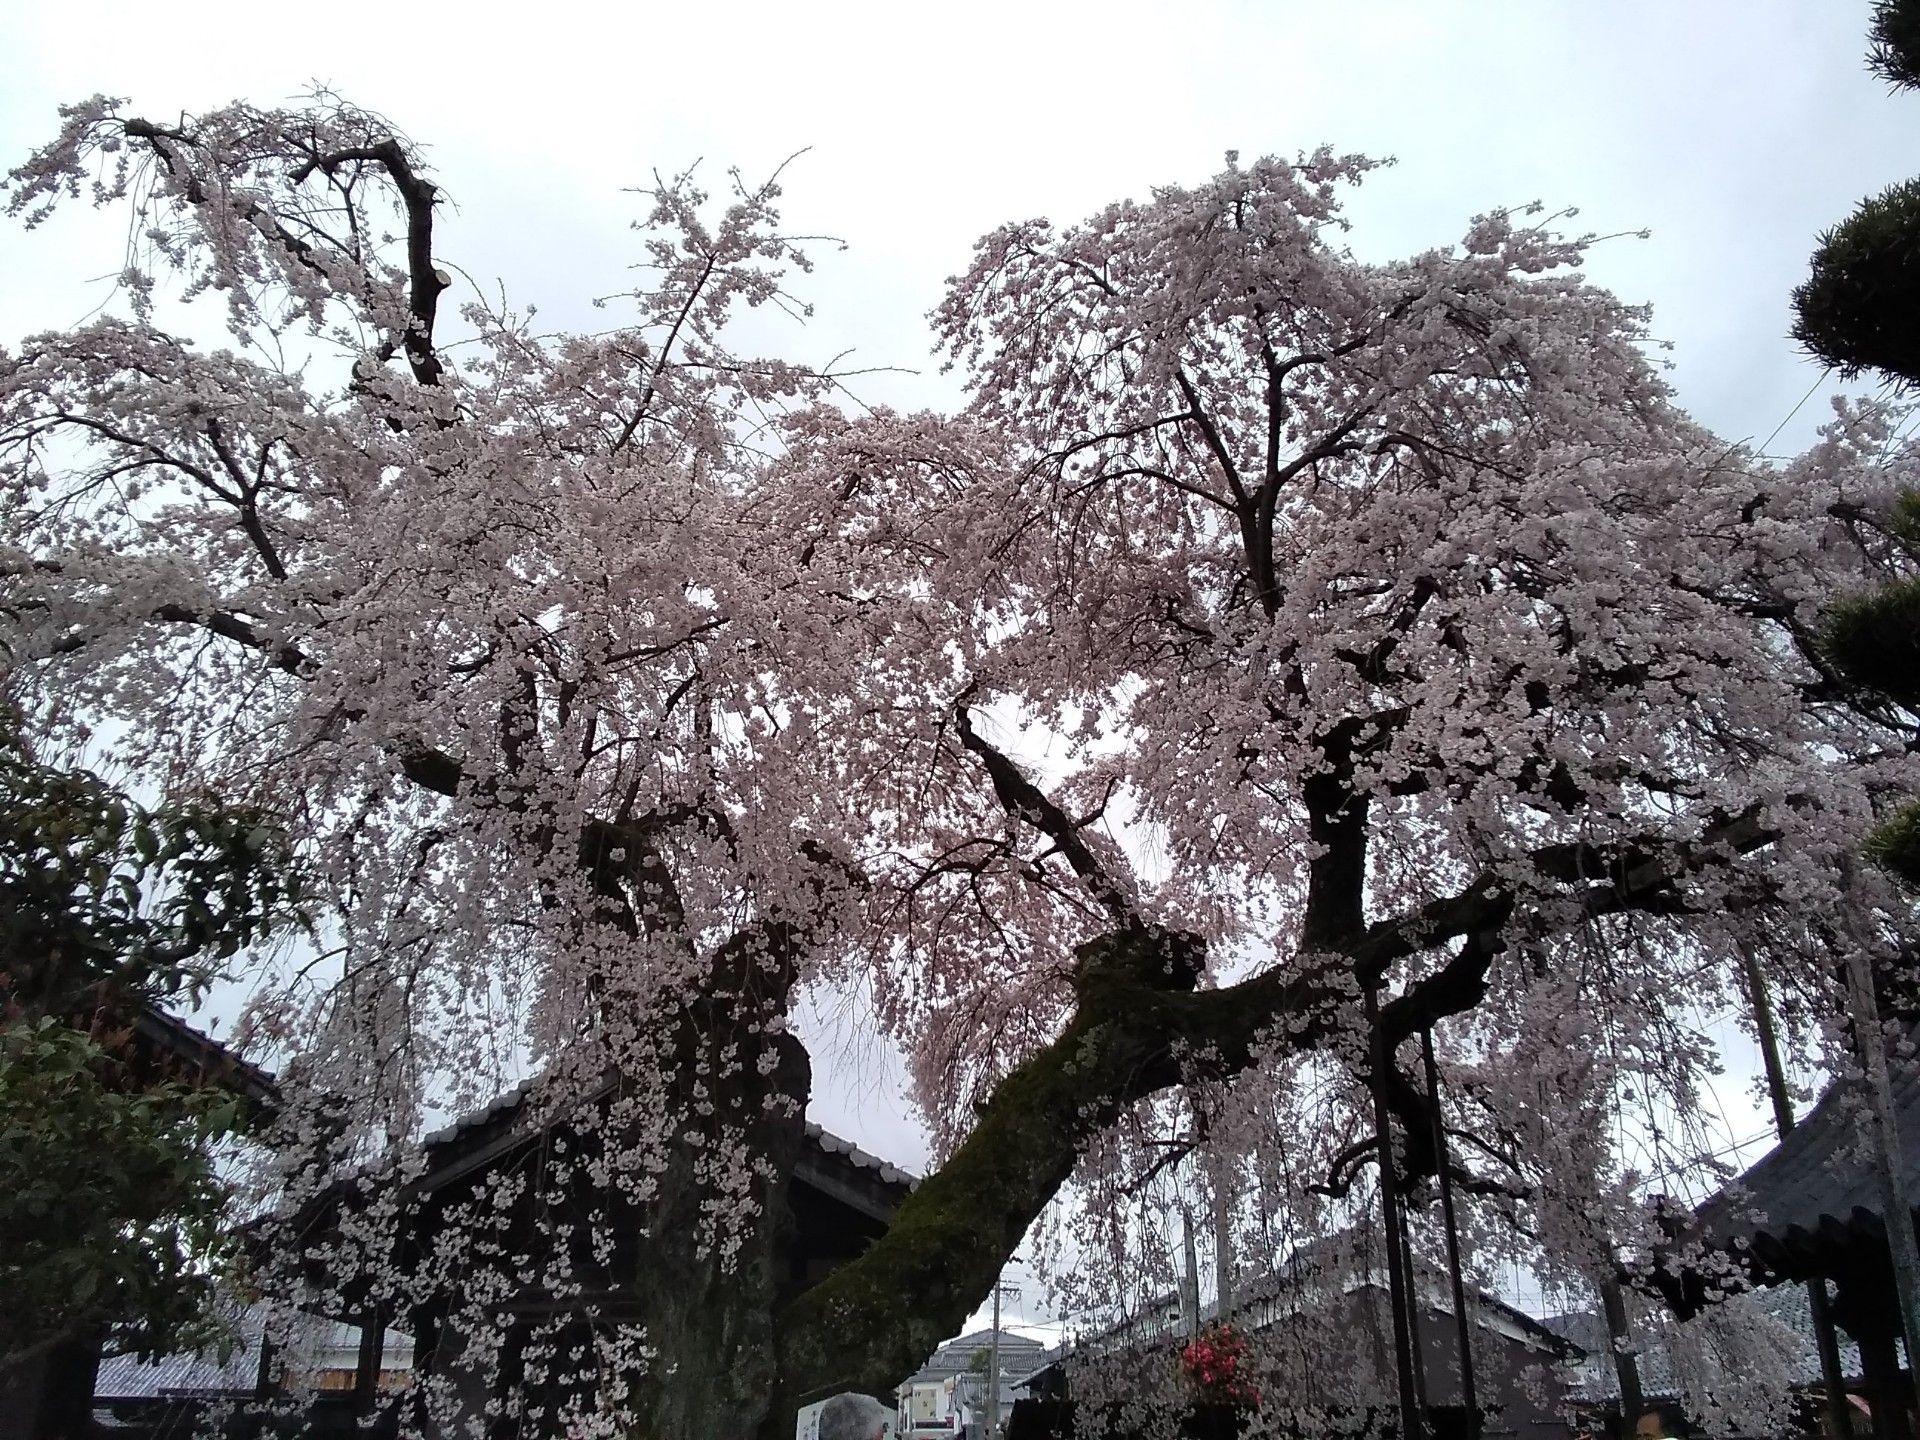 桜の 咲き が ぺんぺん草 の まし たよ 花